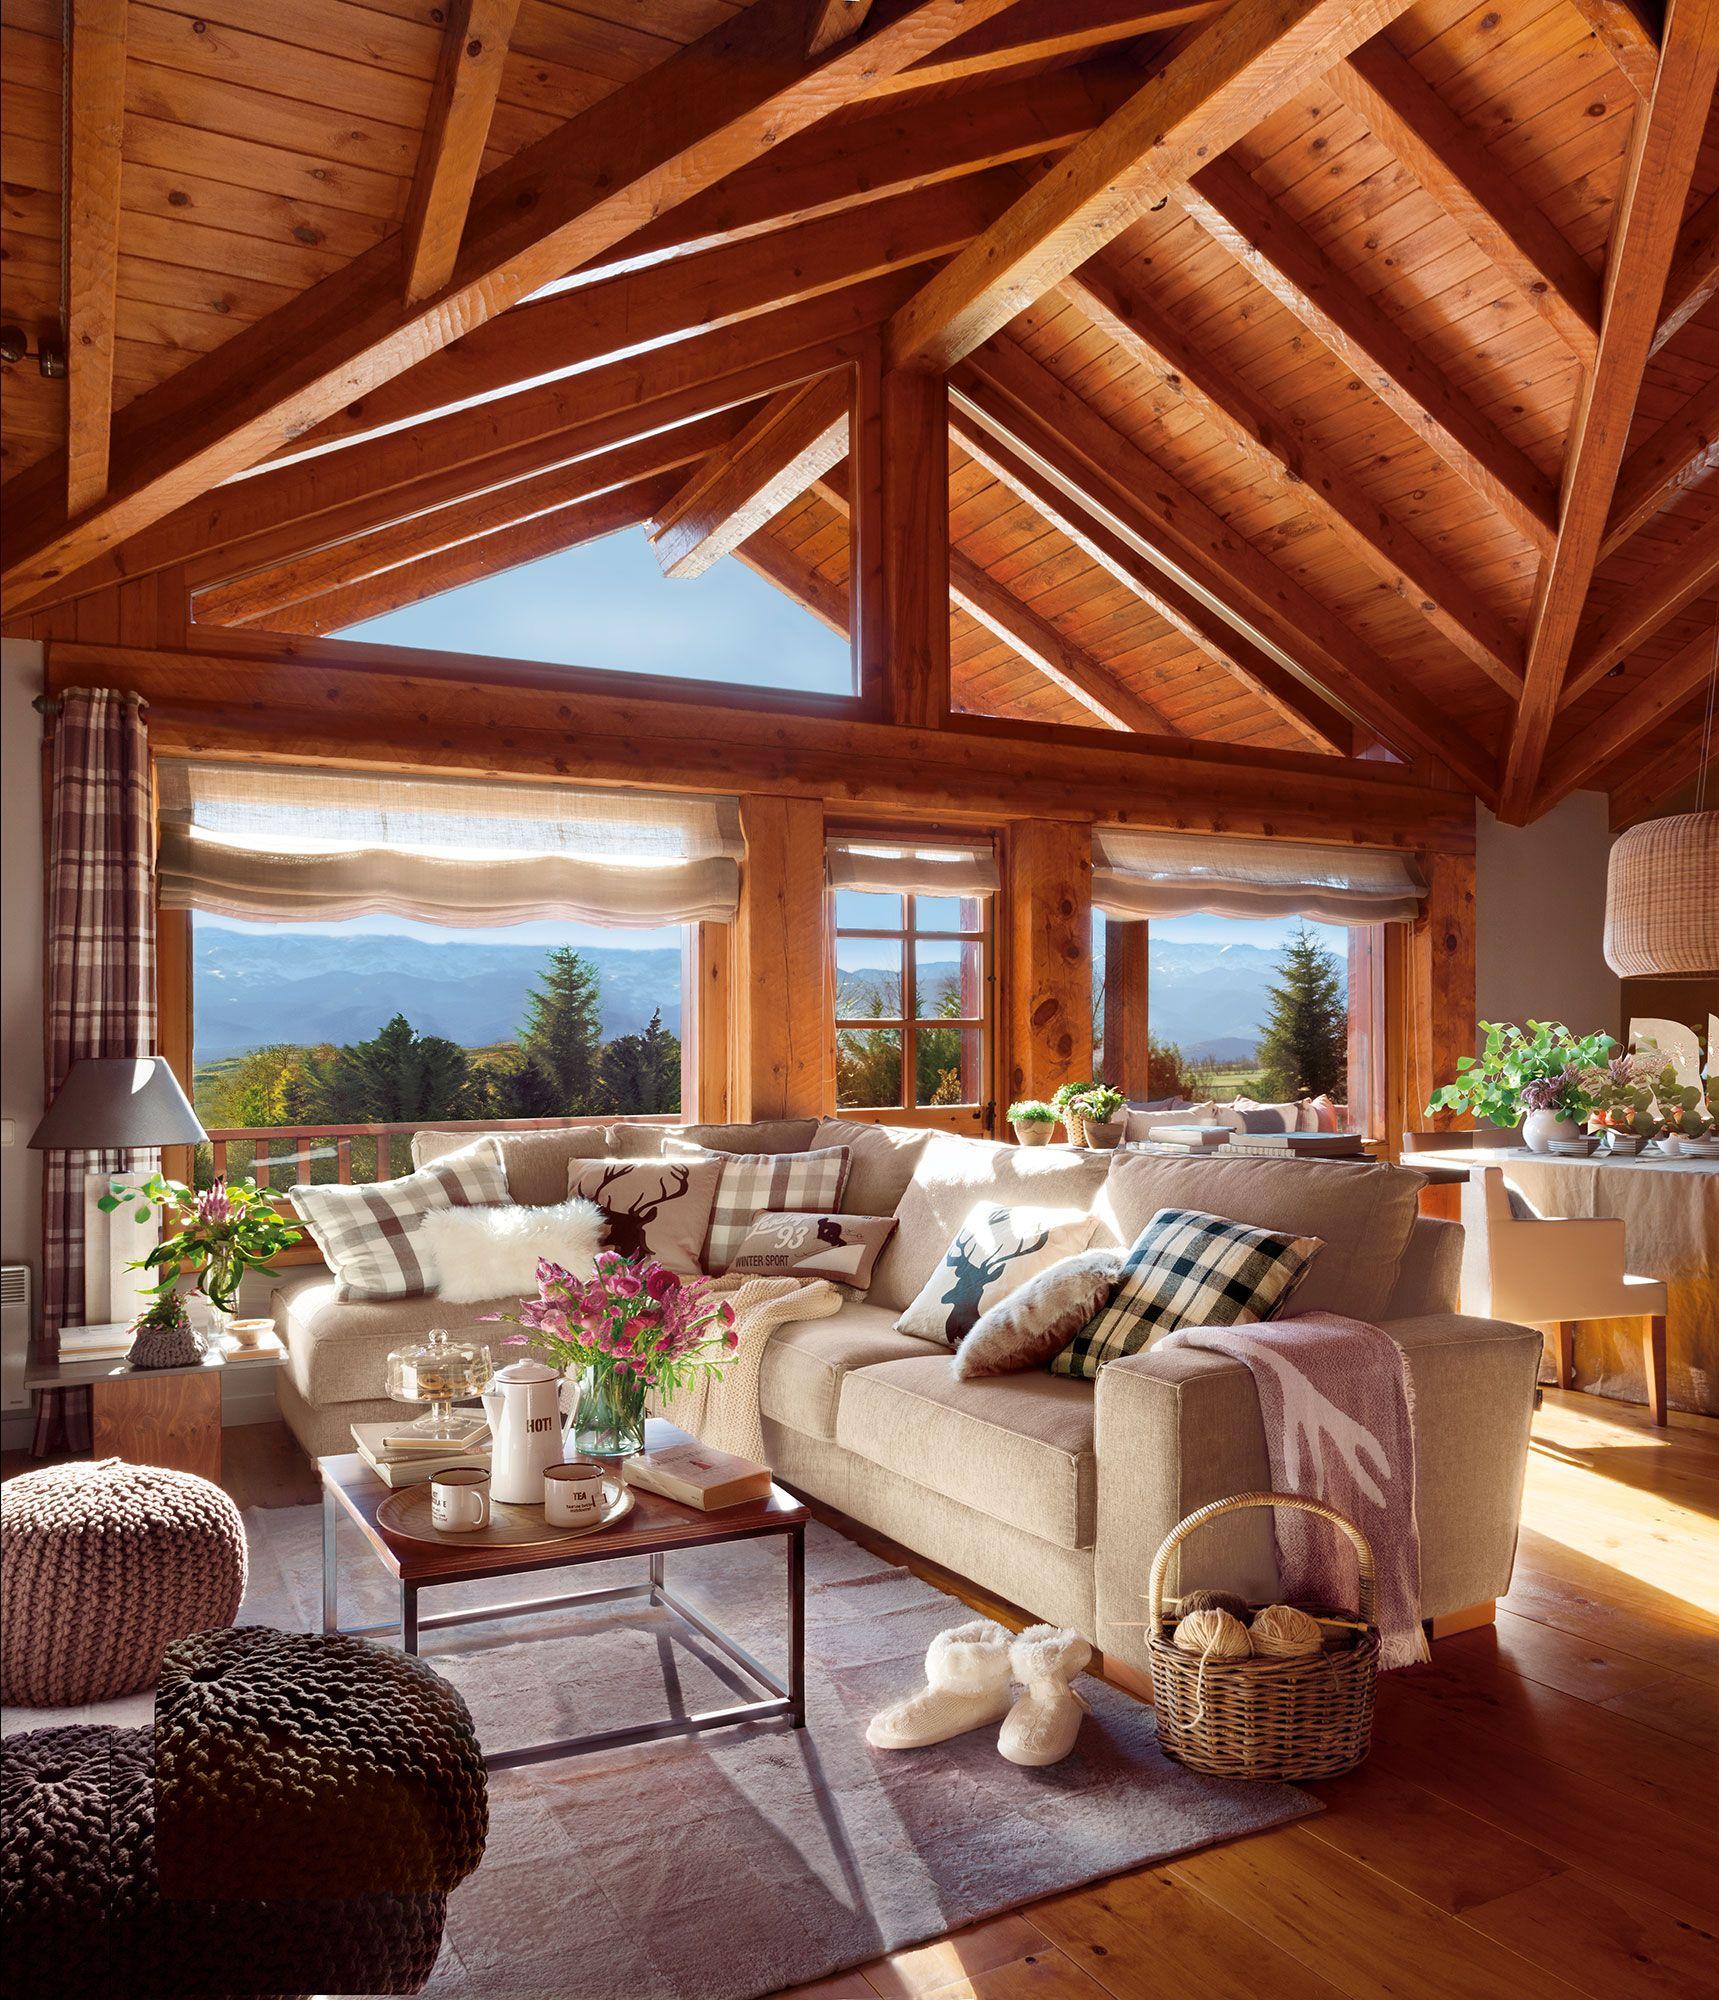 Sal n r stico con vigas de madera y gran ventanal al for Vigas de madera para jardin